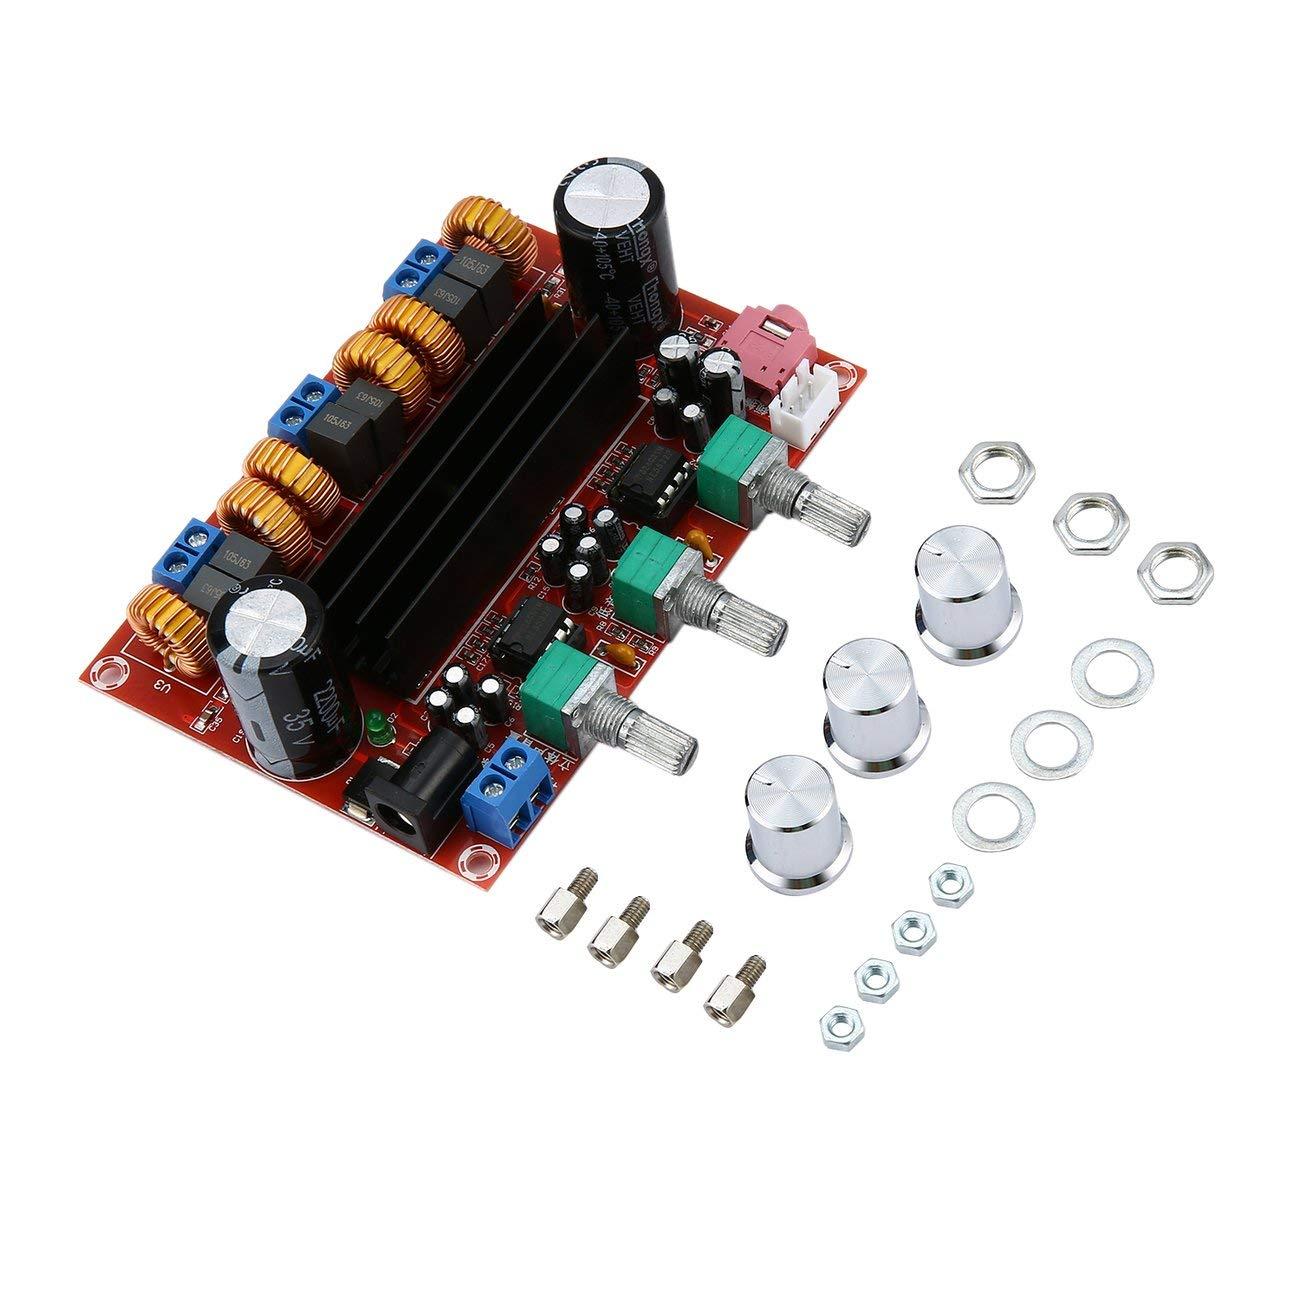 100W 2.1 Voie Amplificateur de Puissance num/érique Subwoofer JBP-X Nouvelle Version Amplificateurs de Haute Puissance Dual Chip TPA3116D2 50Wx2